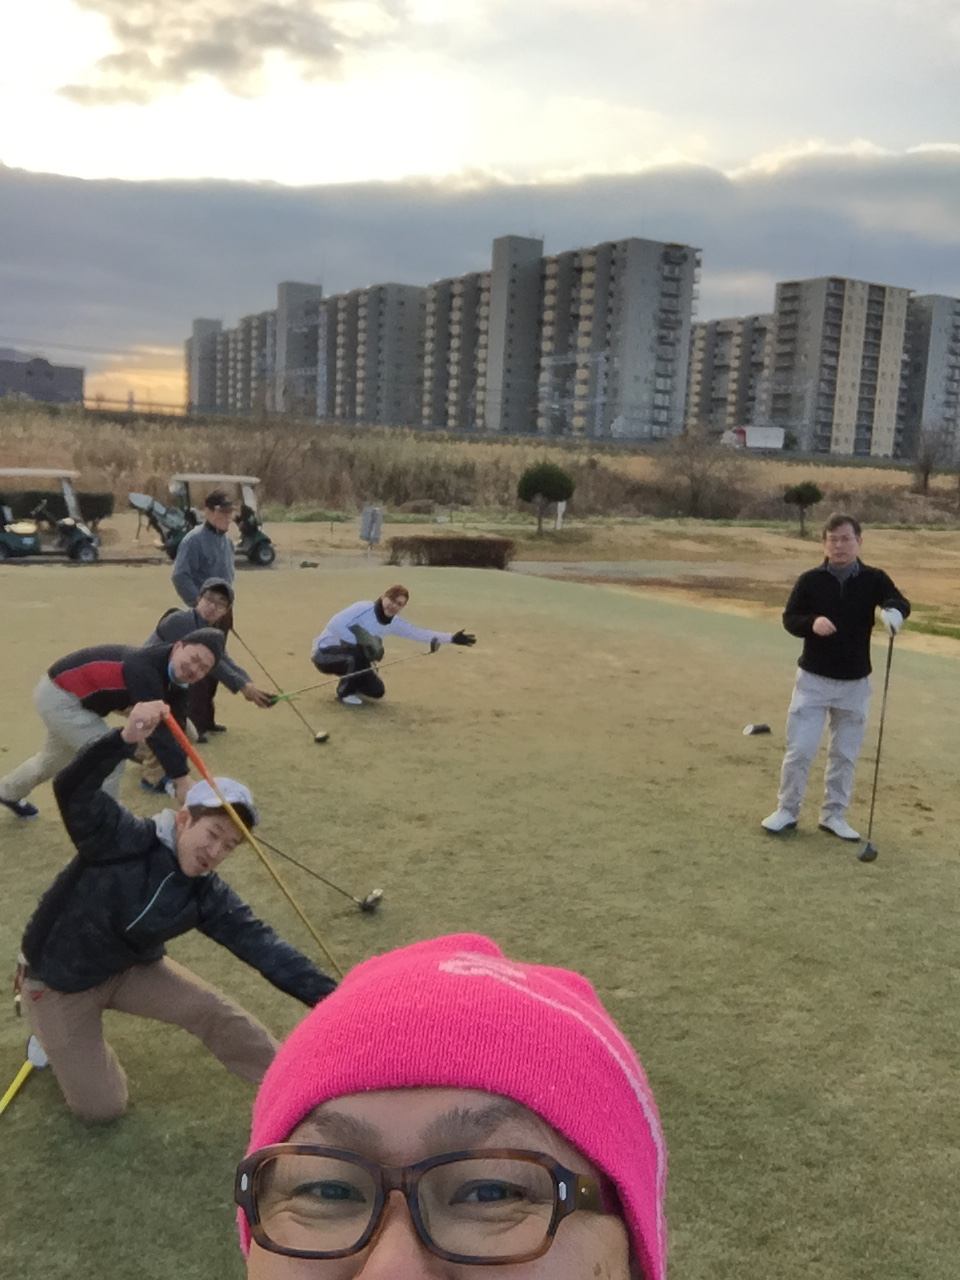 アクリルの加工屋のおっさんは言いました!ほんまに、もうどうやったらゴルフ上手くなれるんやろか!